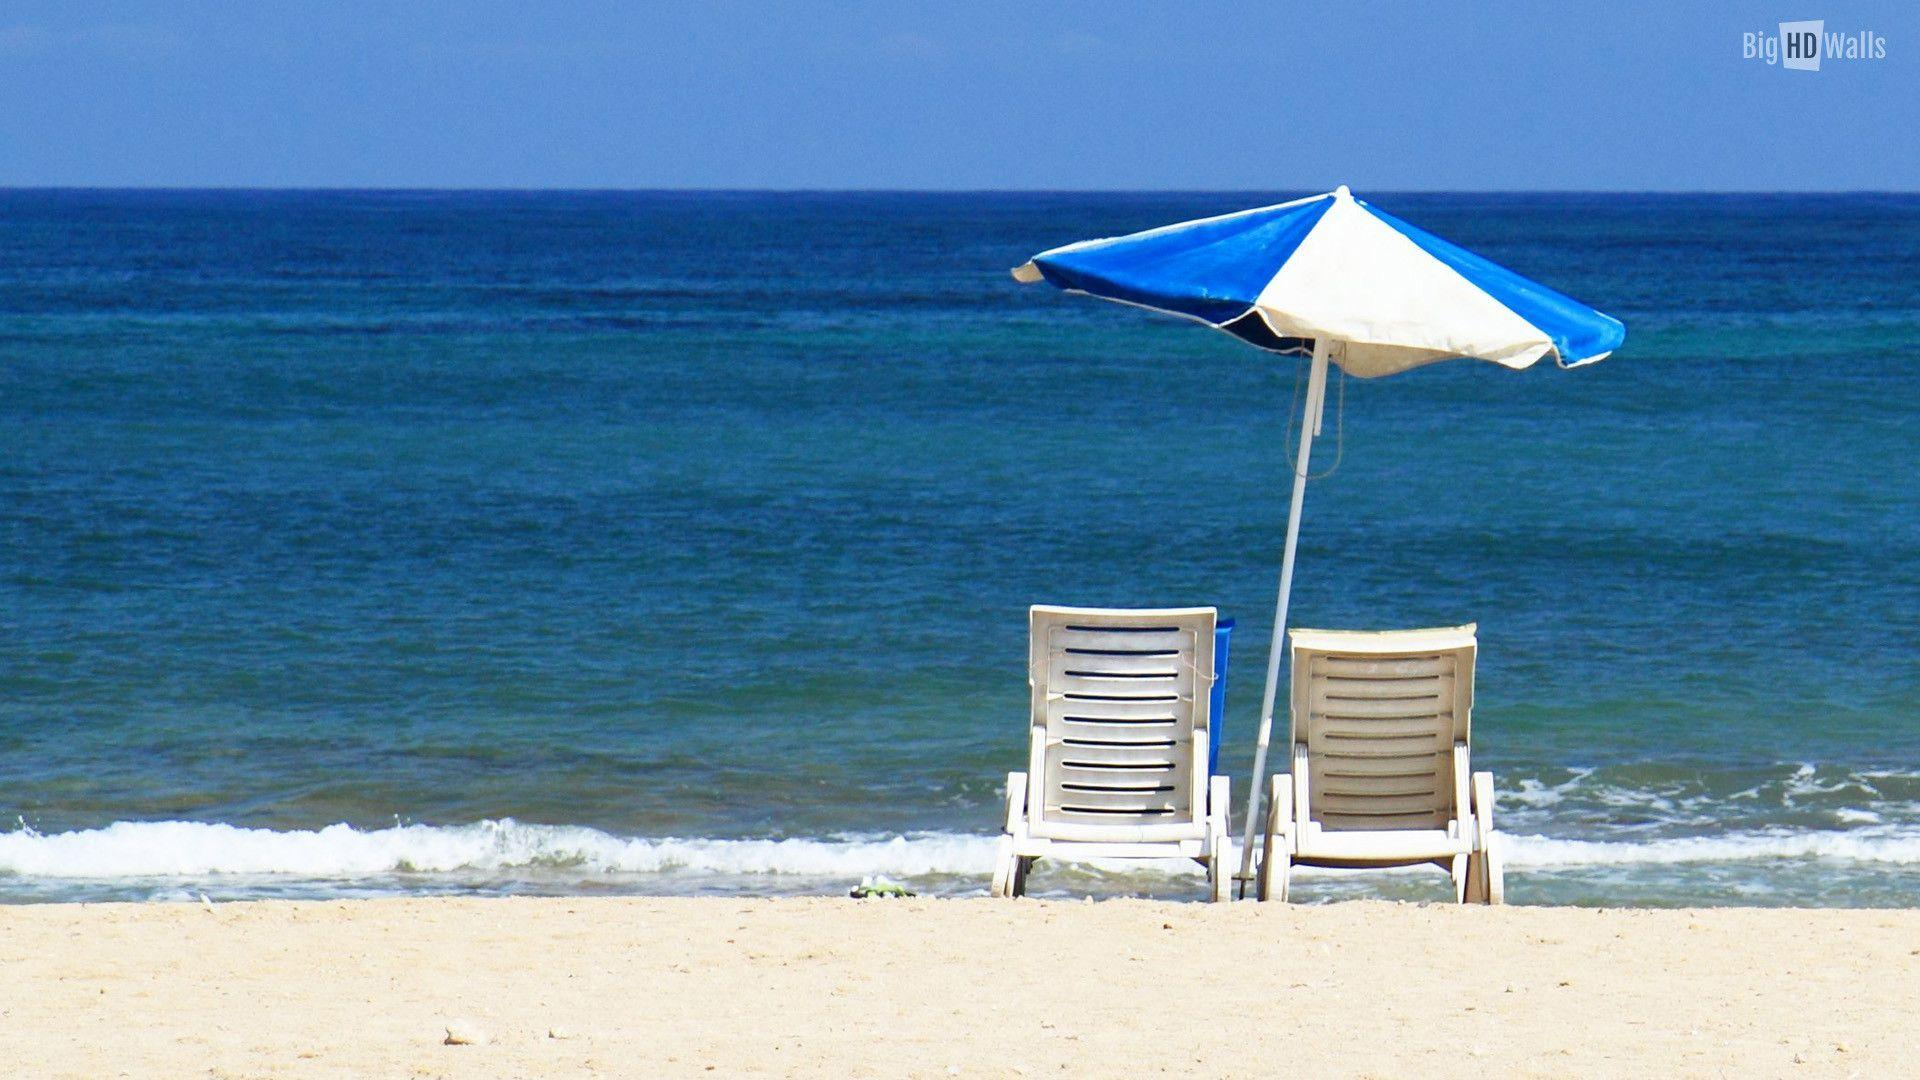 Summer Beach Backgrounds 1920x1080